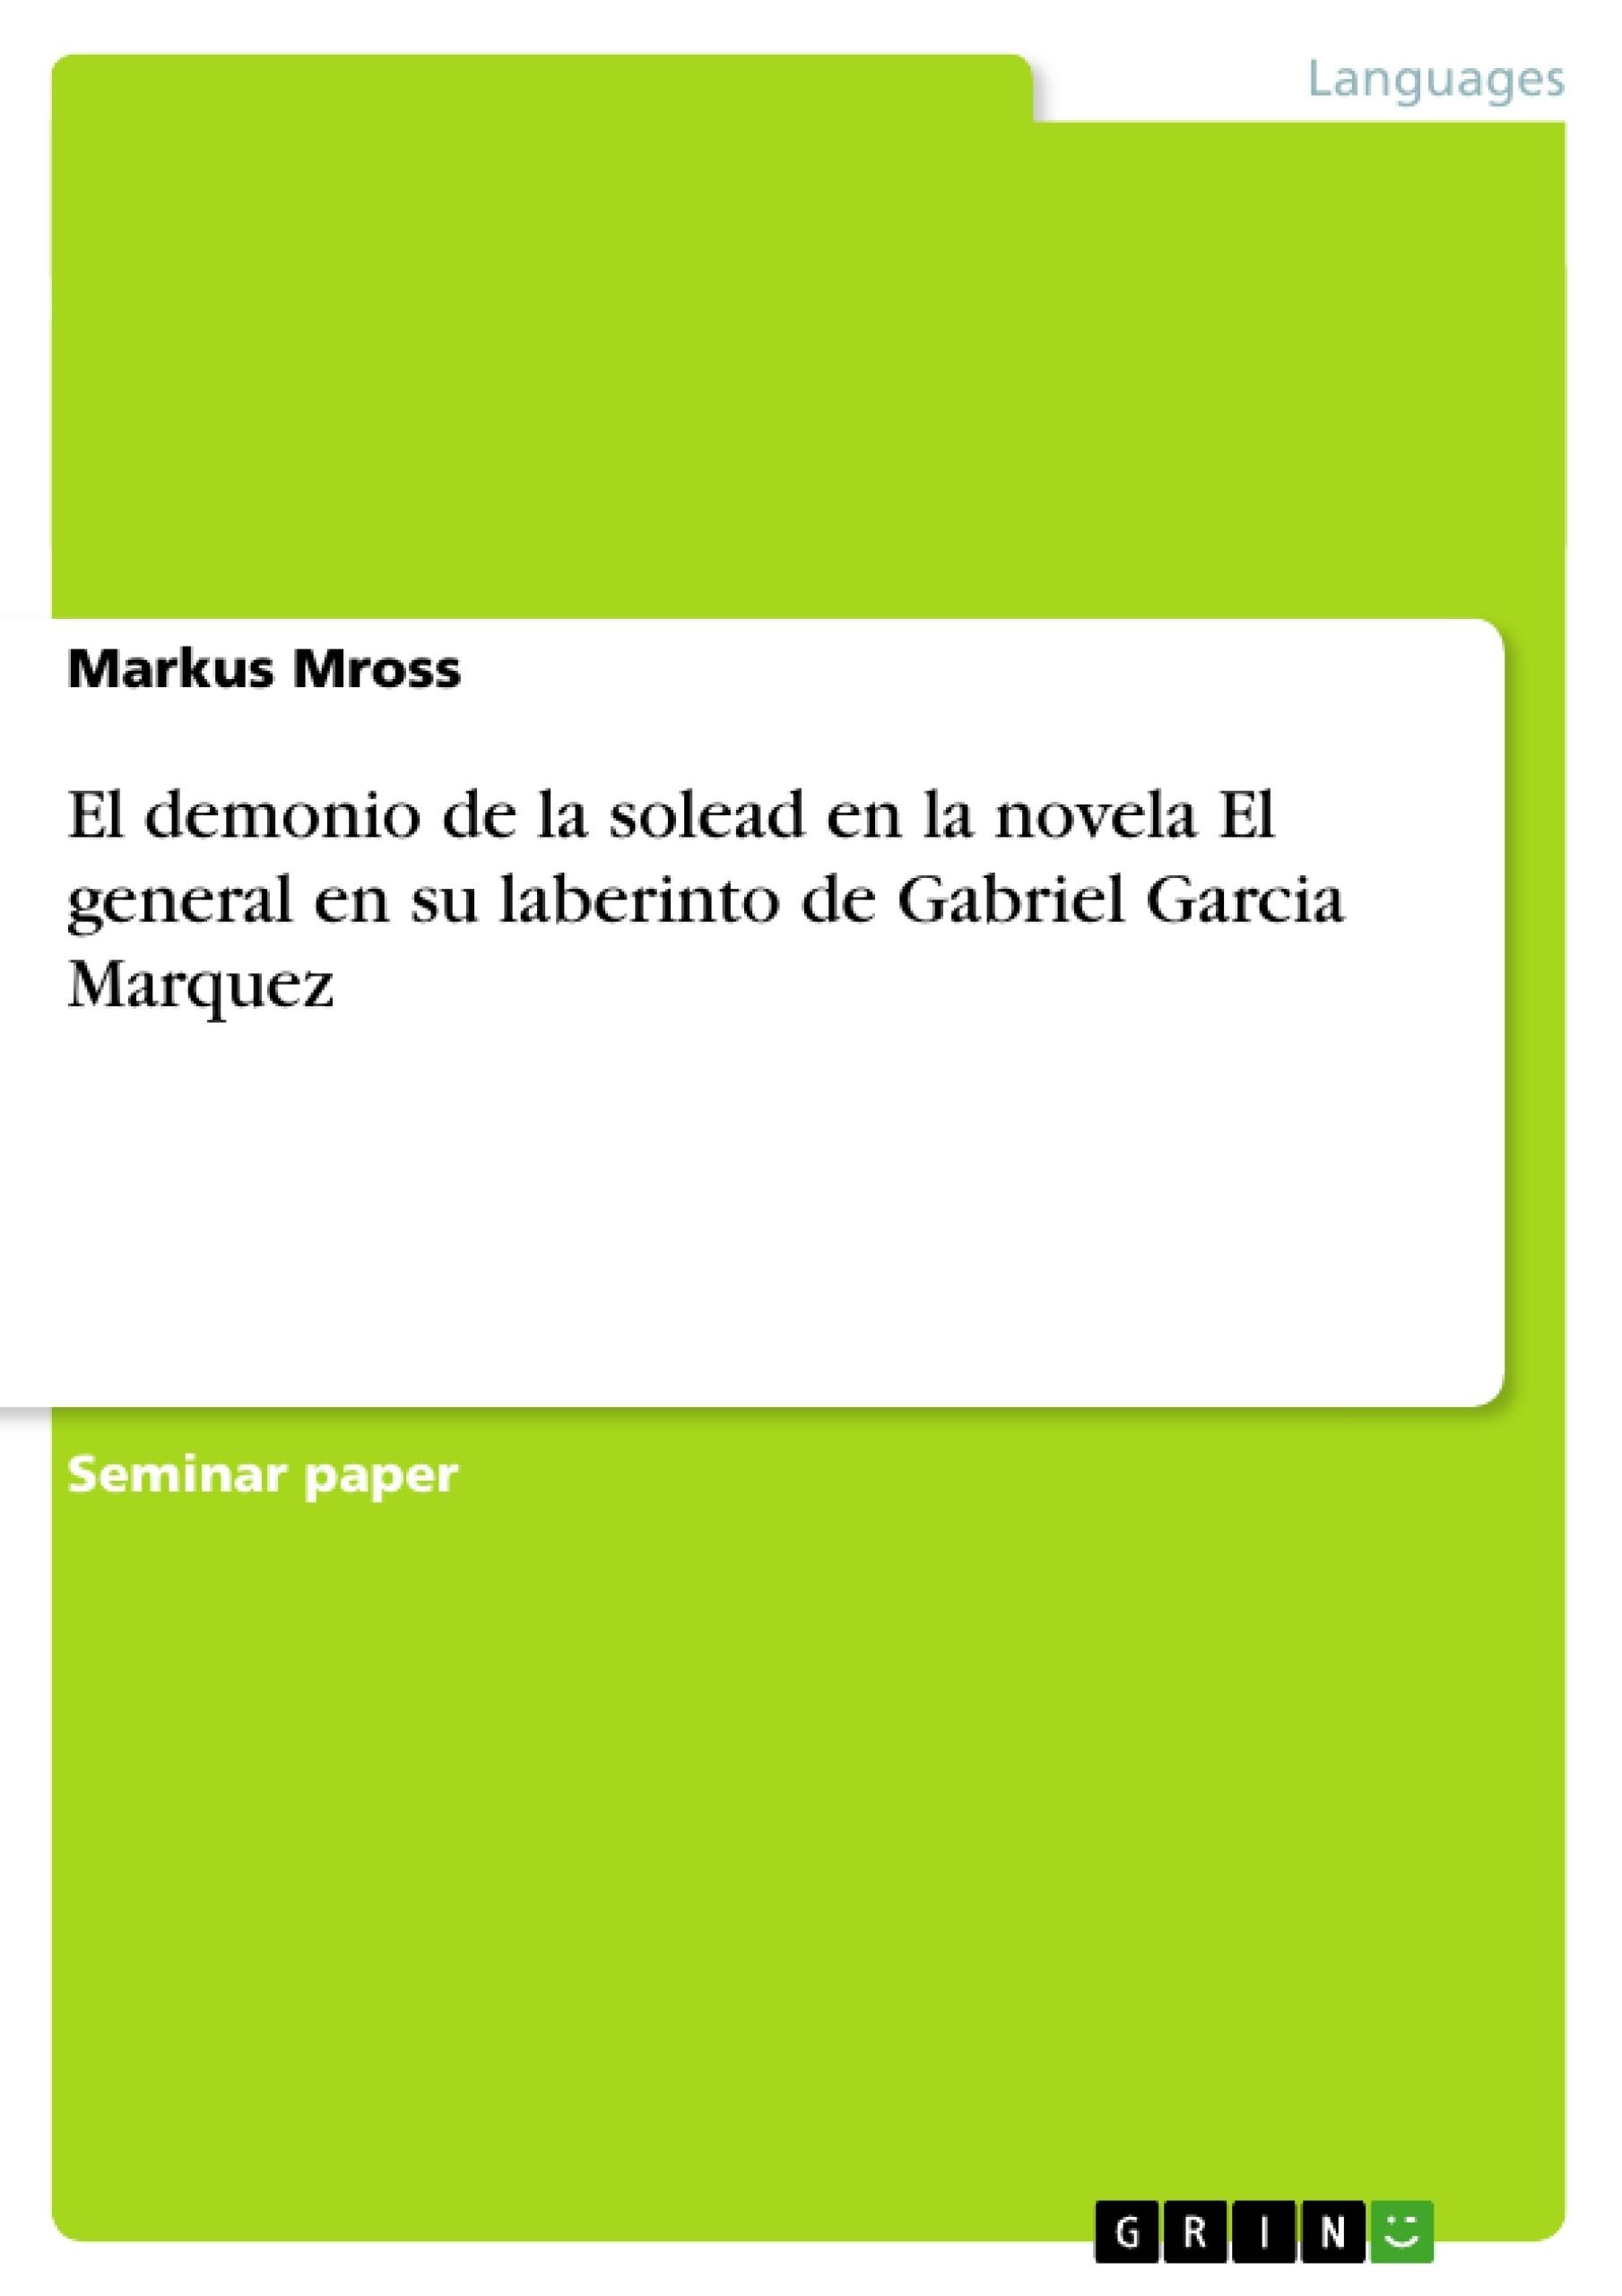 Título: El demonio de la solead en la novela El general en su laberinto de Gabriel Garcia Marquez